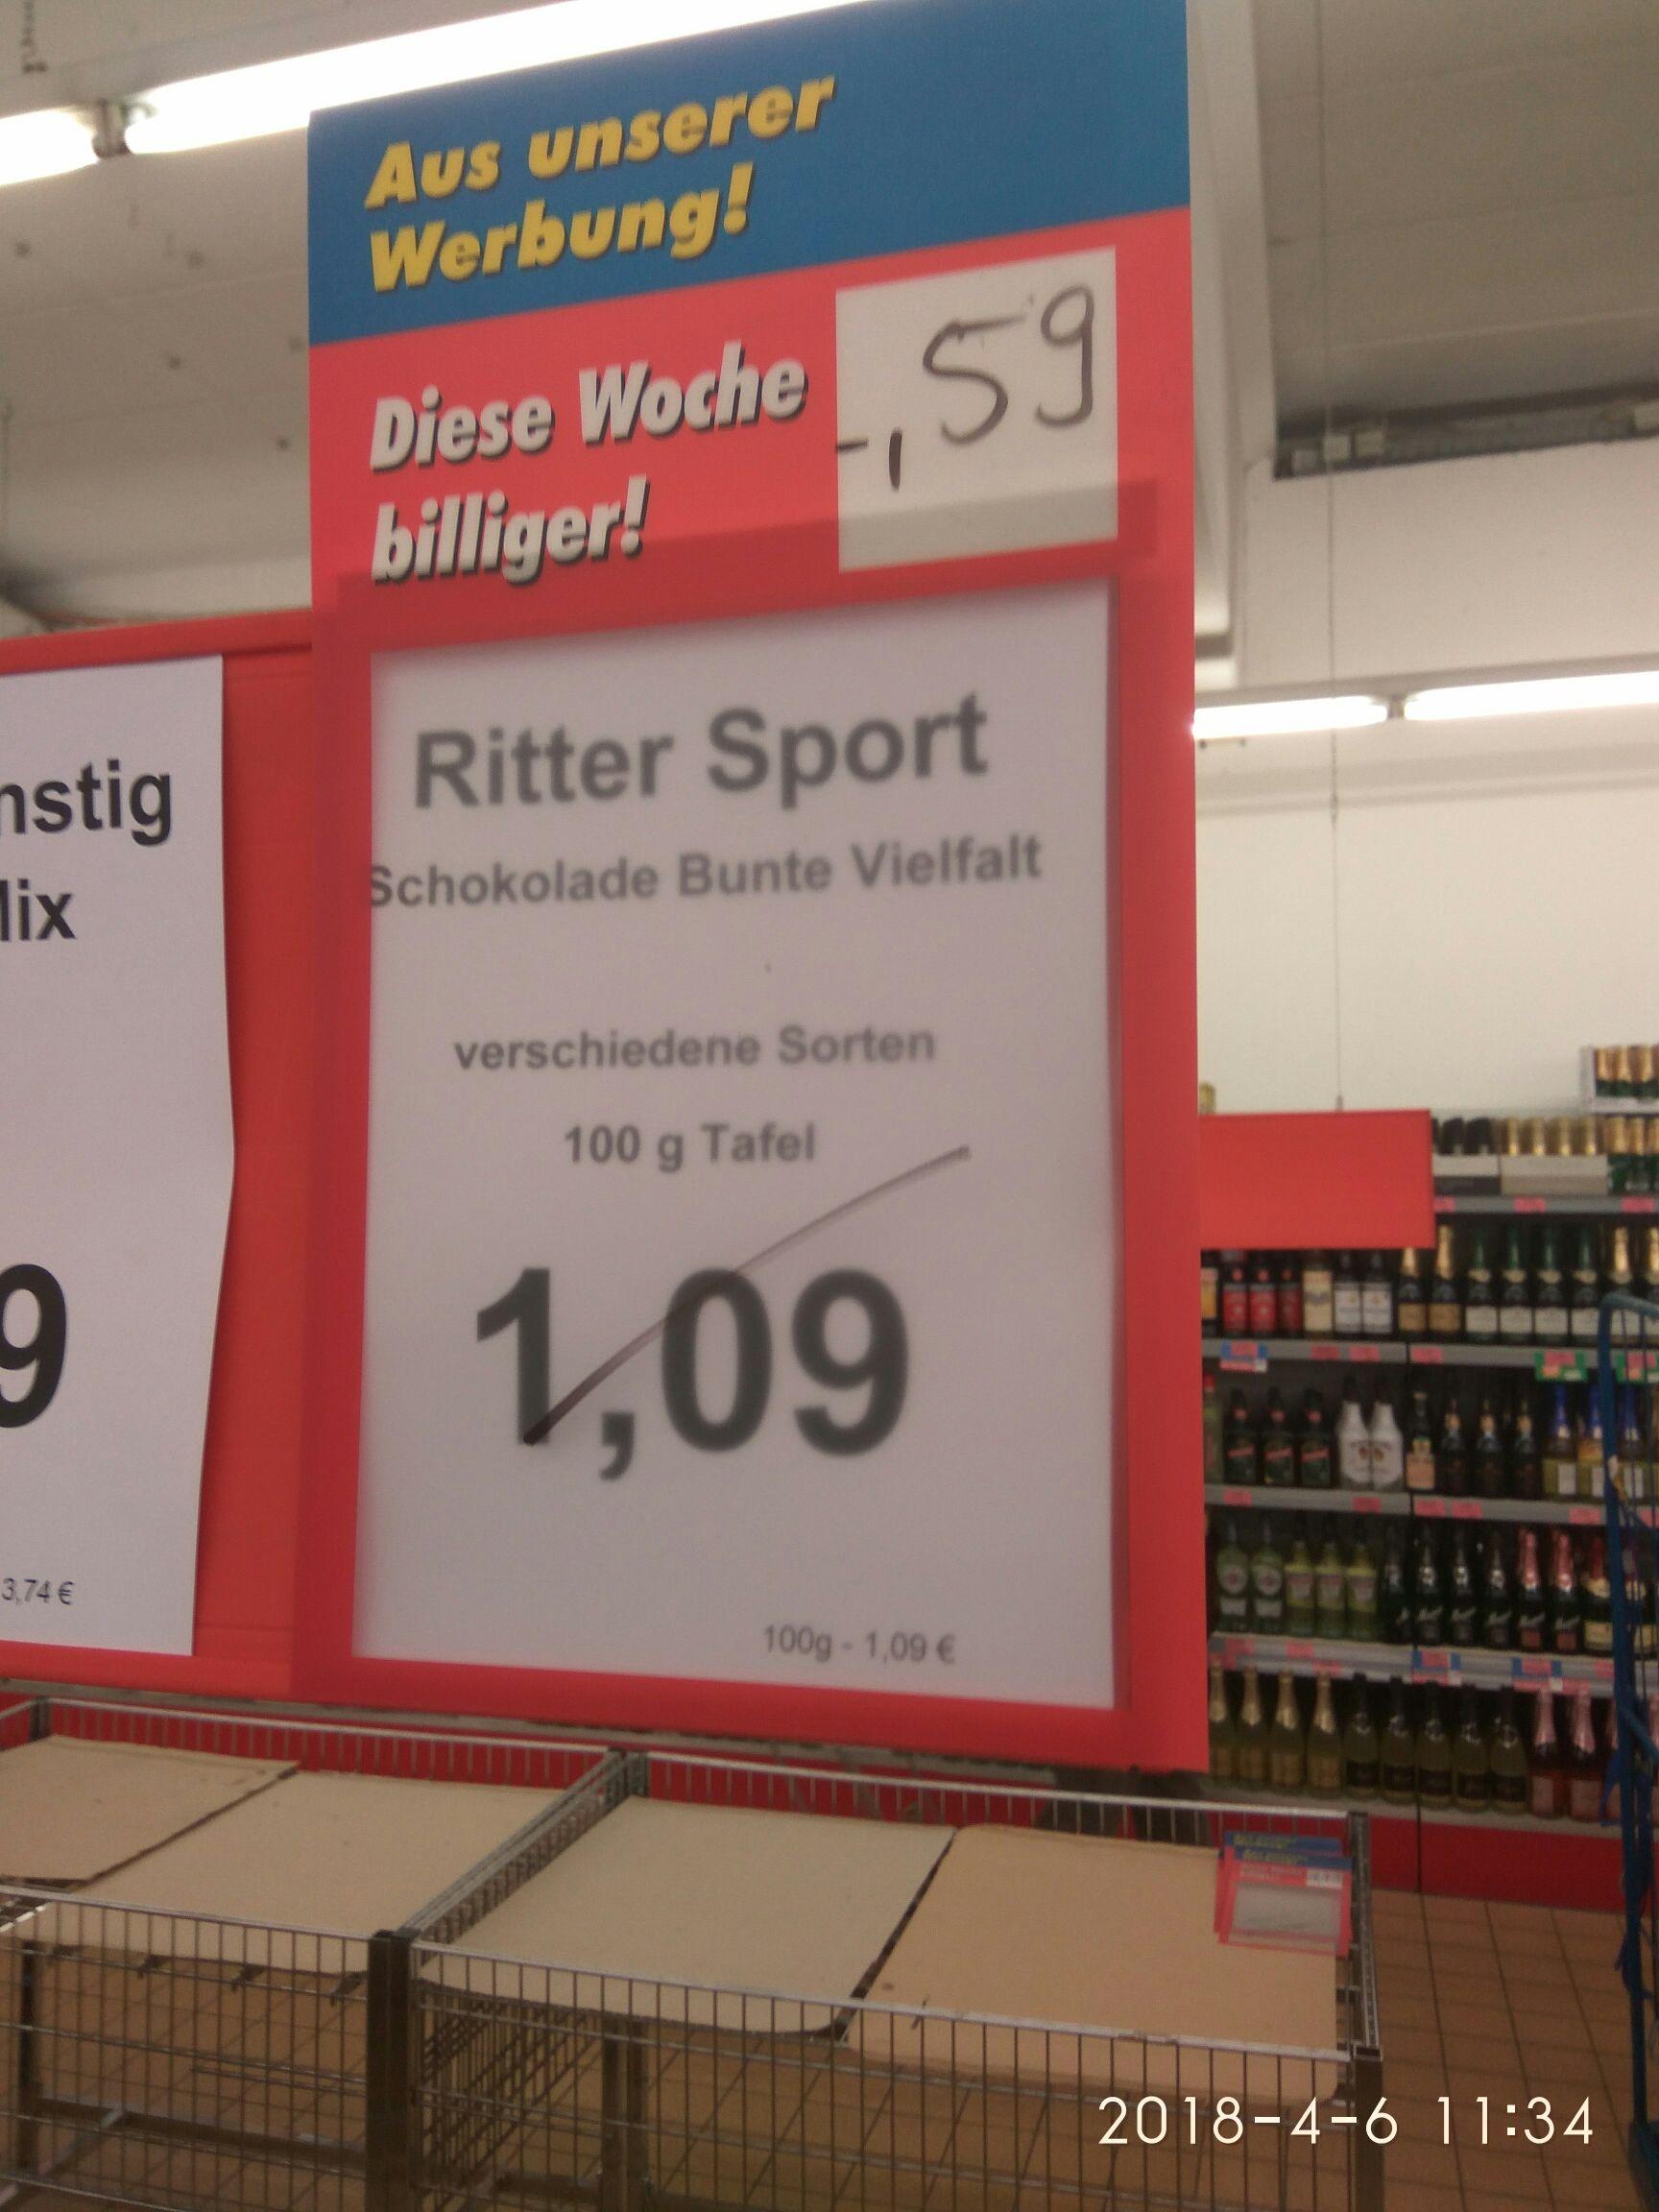 Rittersport Treff 3000 Saarburg Lokal?